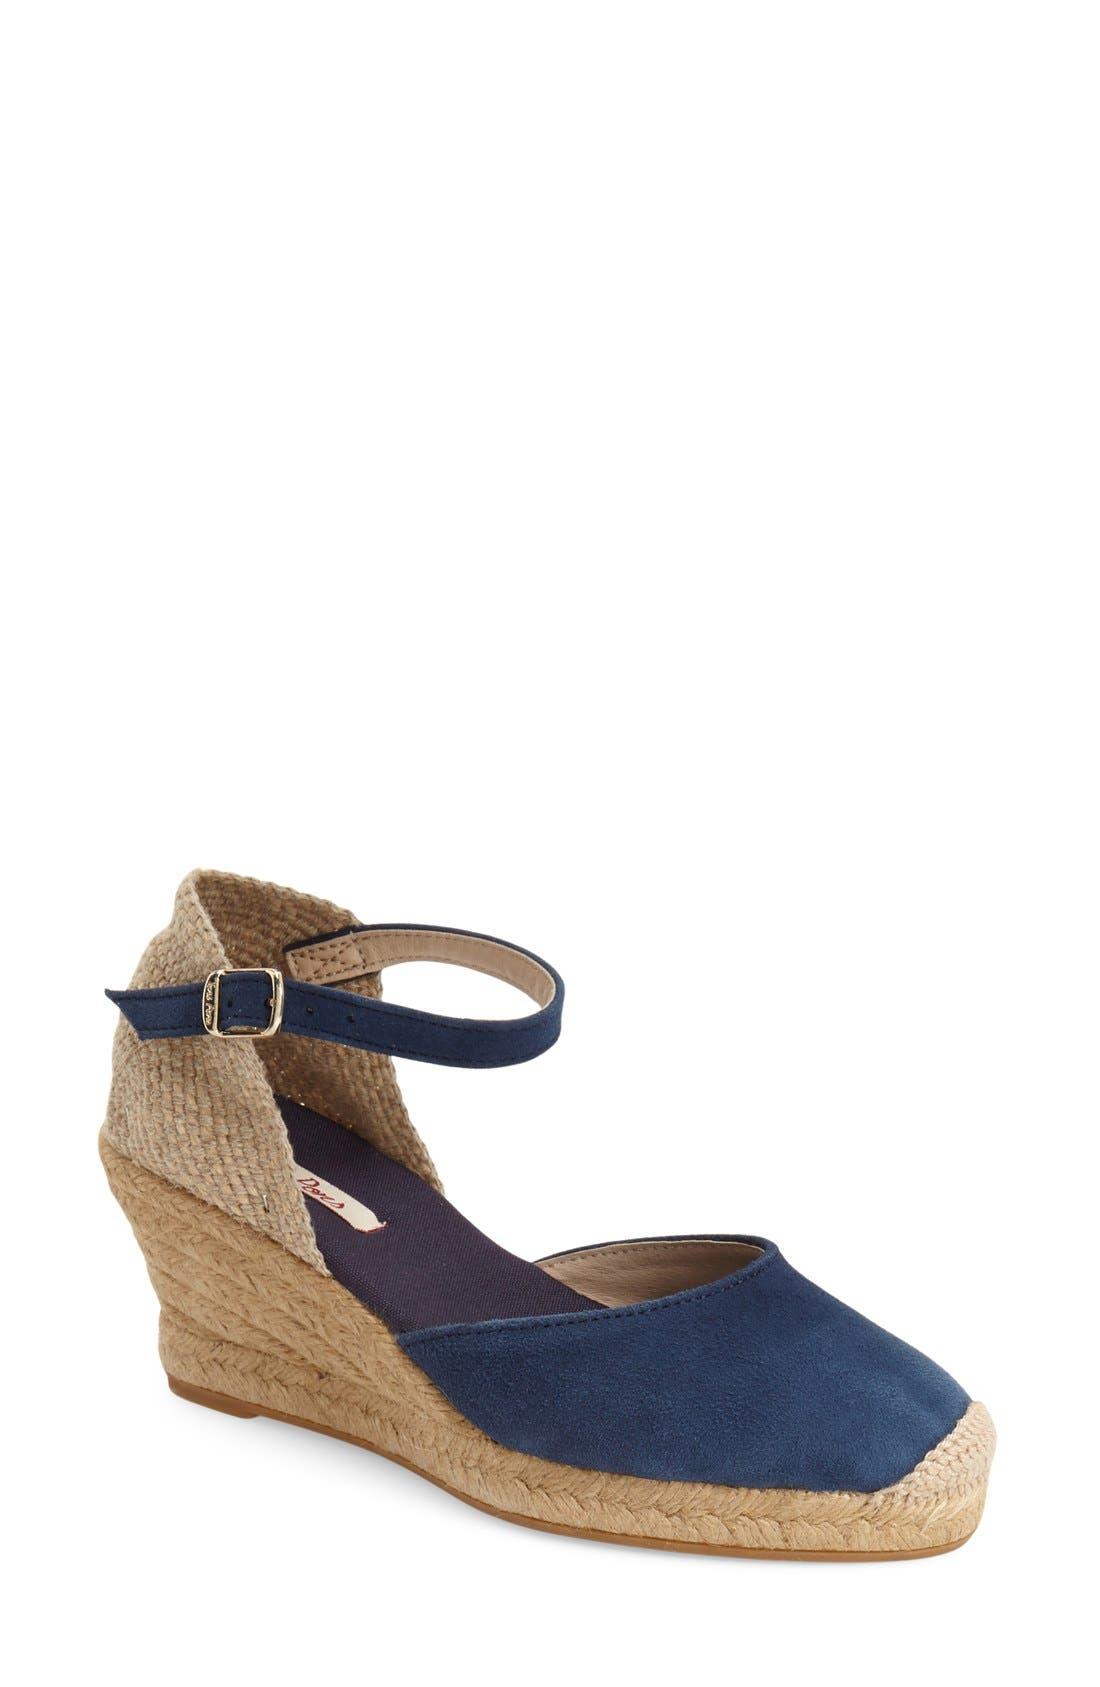 TONI PONS, 'Lloret-5' Espadrille Wedge Sandal, Main thumbnail 1, color, NAVY SUEDE